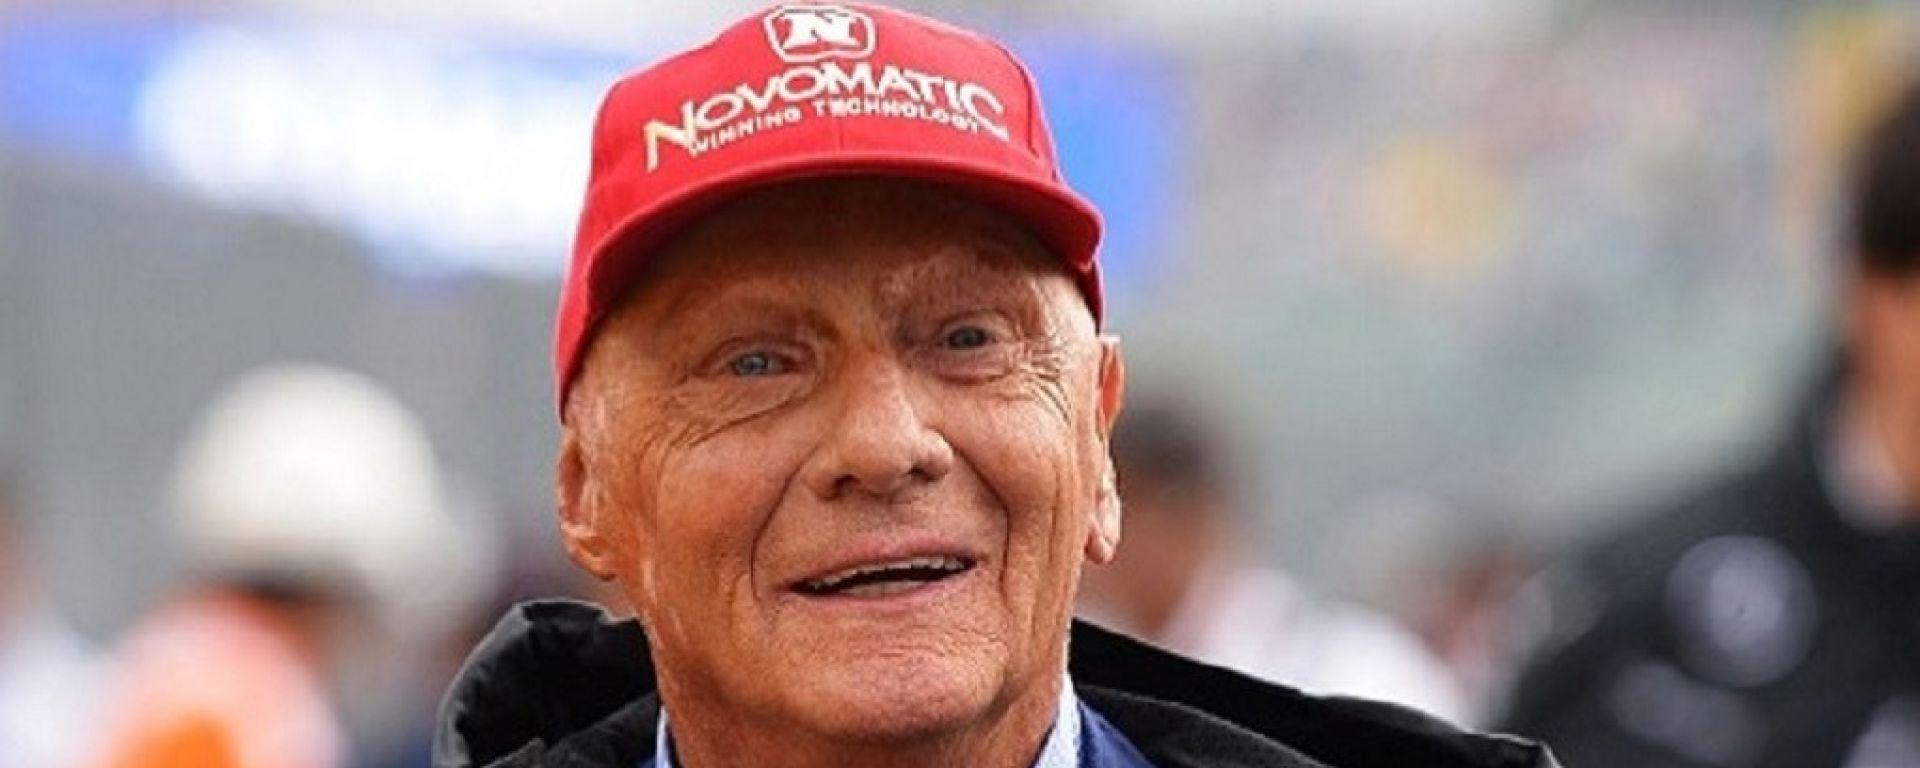 Niki Lauda, 70 anni, dal 2013 è presidente non operativo del team Mercedes F1